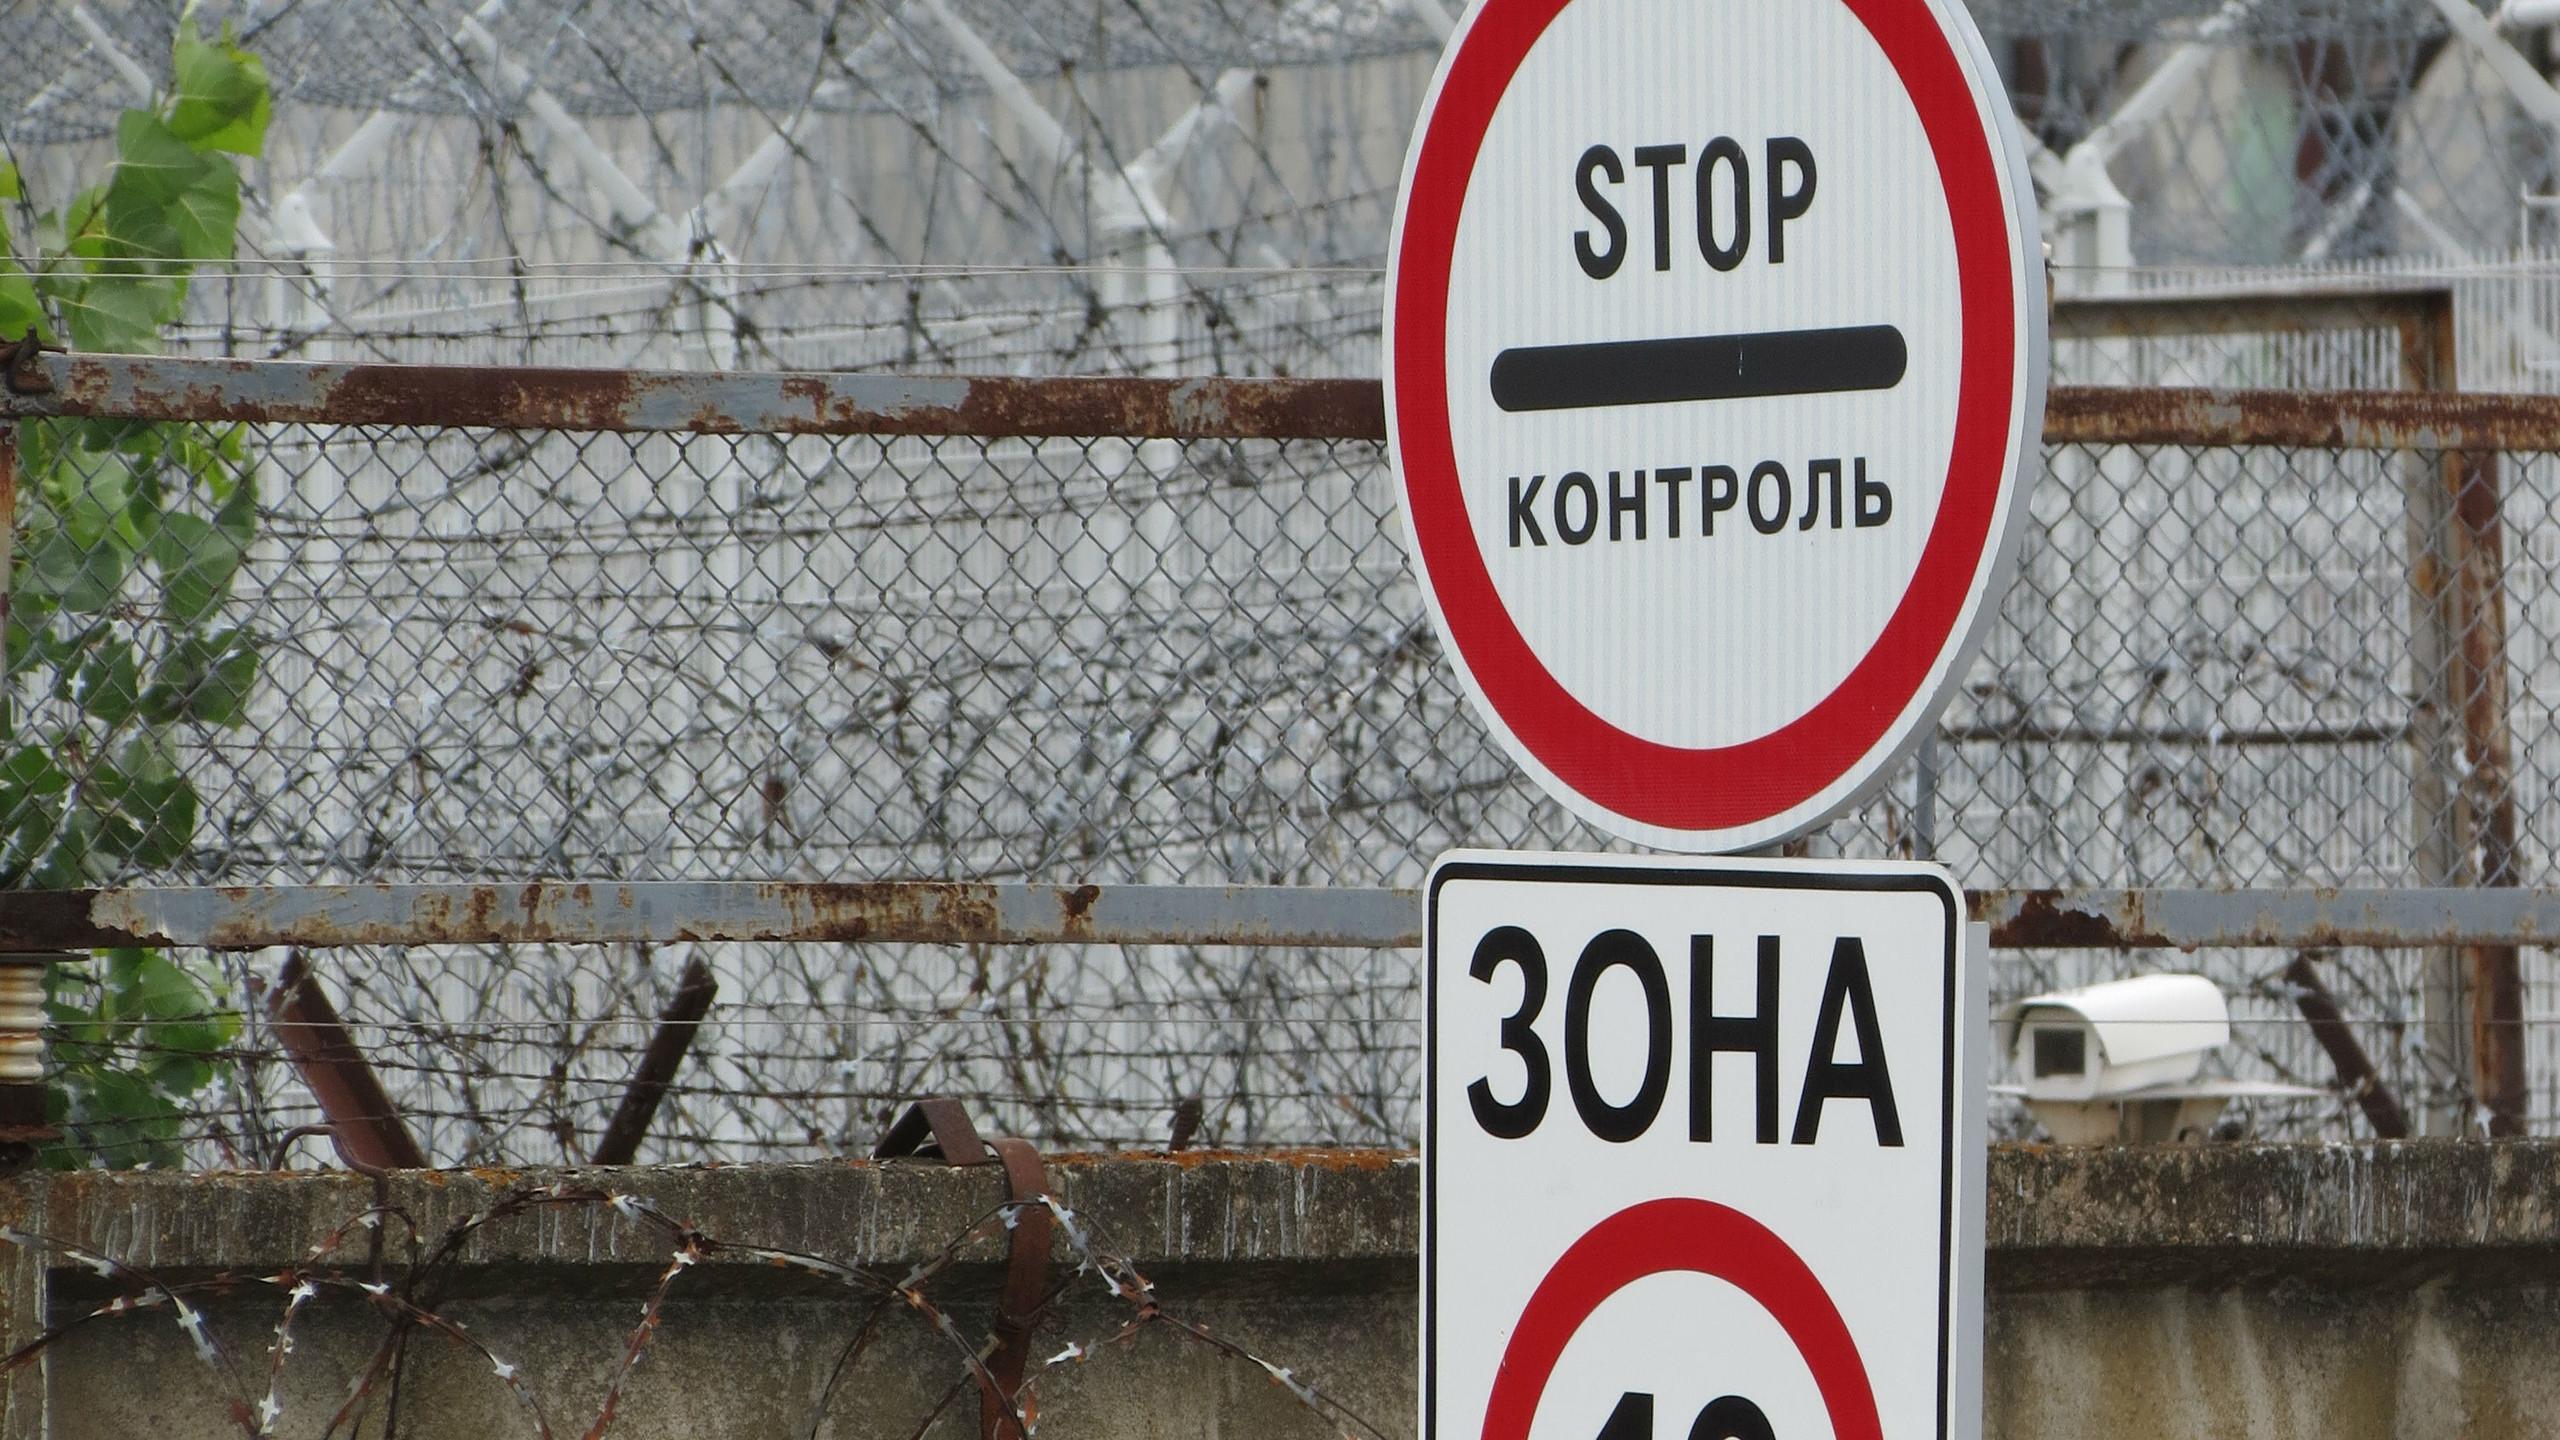 314a - Chernobyl